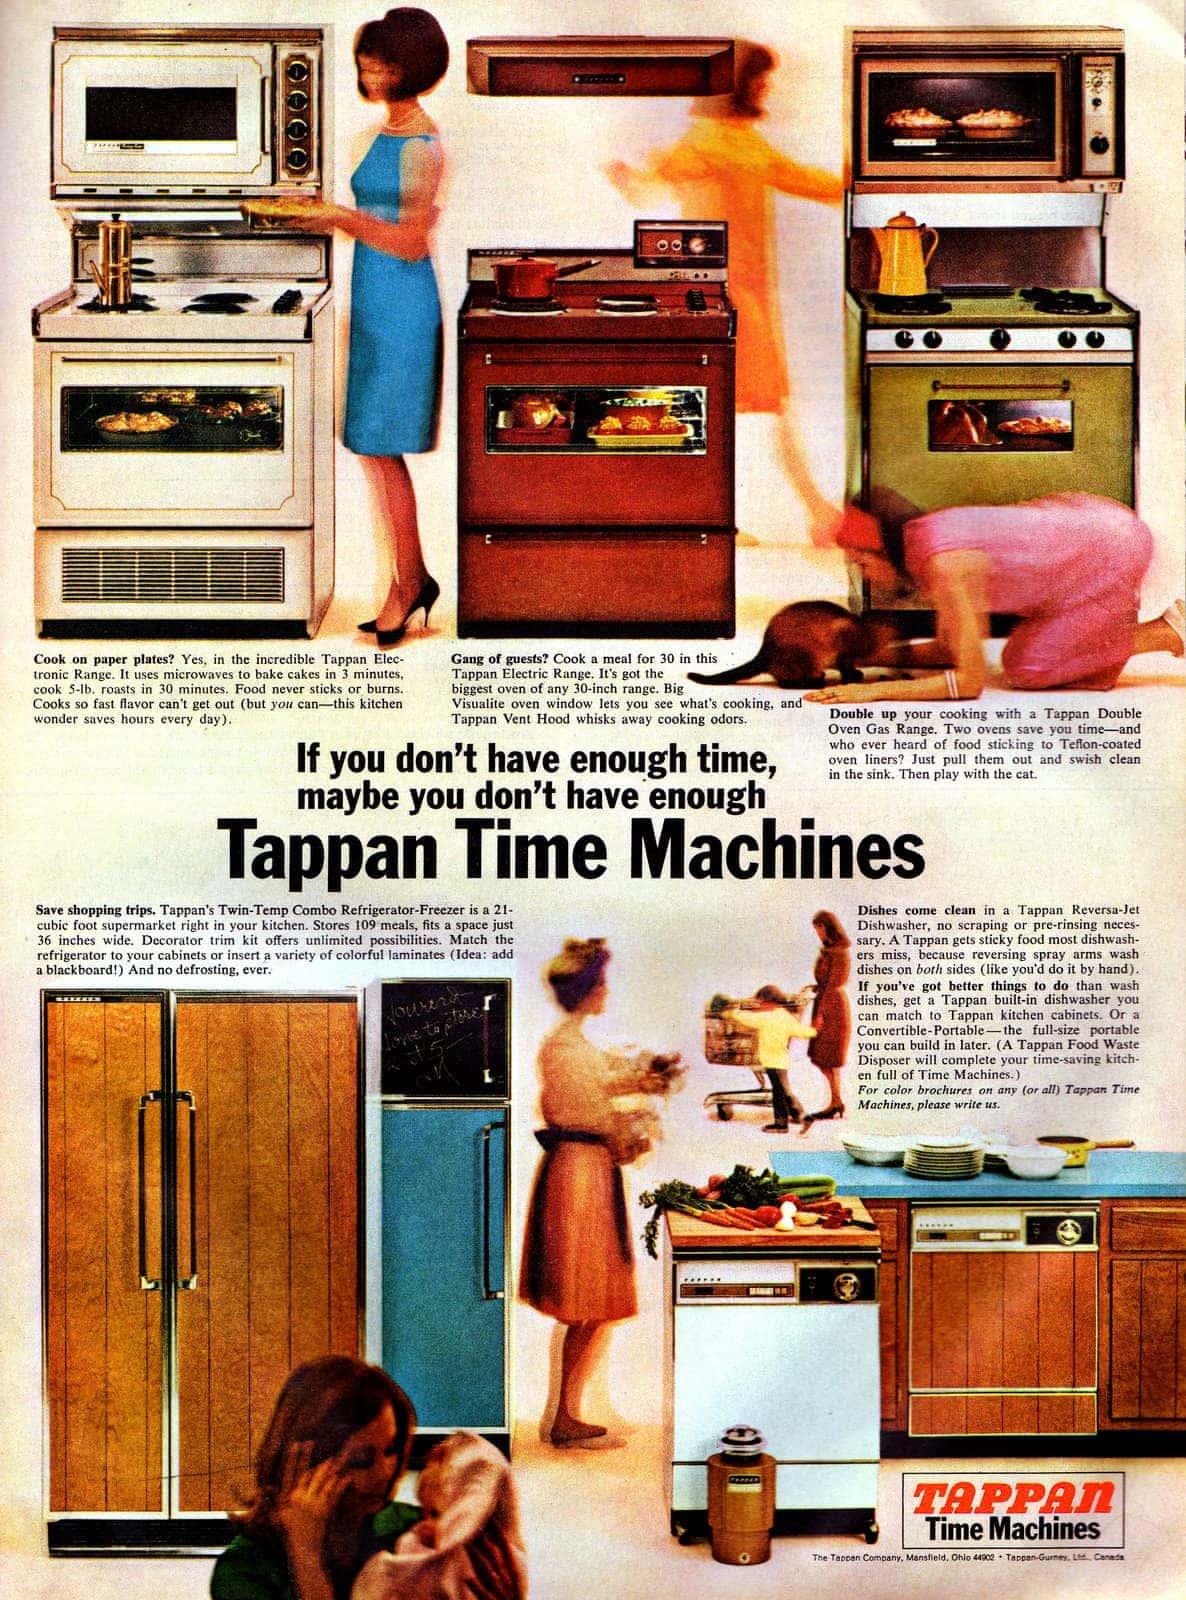 Tappan Time Machines kitchen appliances(1966)